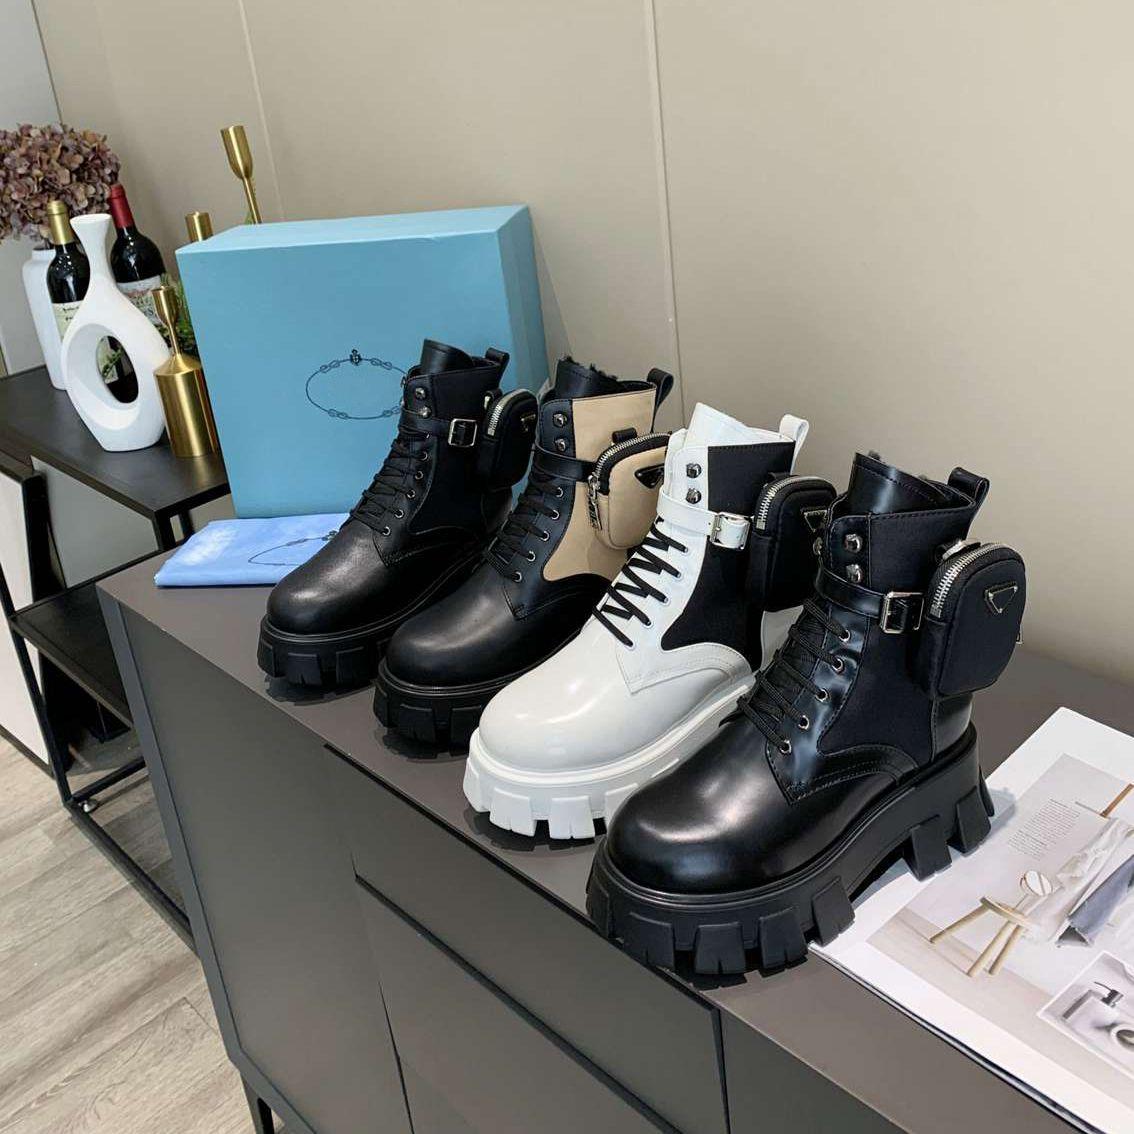 Мужские женщины Rois Boots Designers Ankle Martin Boot Кожаные нейлоновые съемные сумки Bootie Военные вдохновлены боевые ботинки Оригинальный размер коробки 35-45